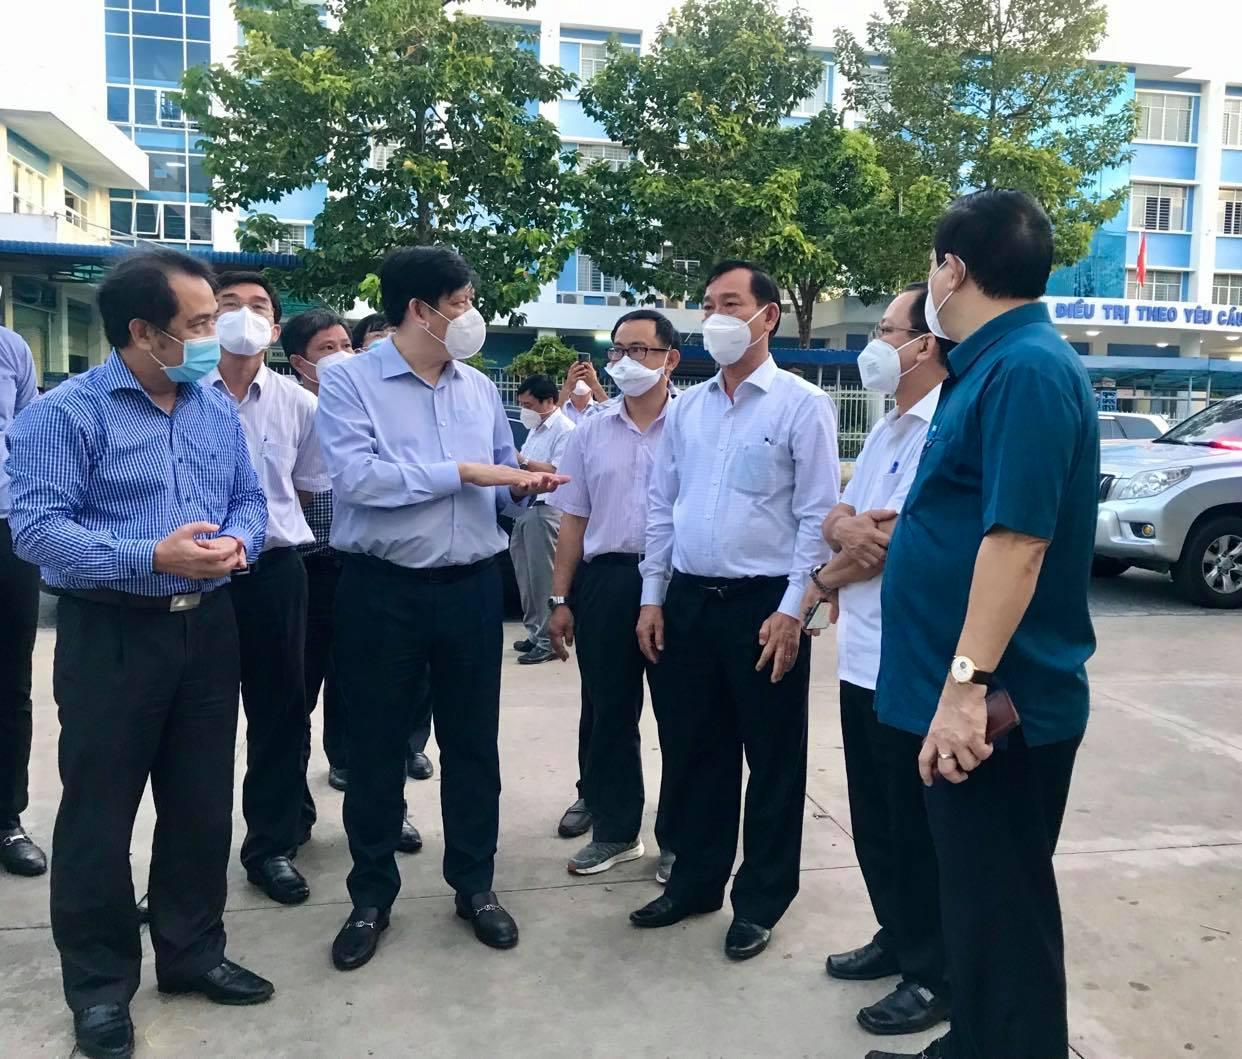 Bộ trưởng Bộ Y tế tiếp tục cử chuyên gia đầu ngành hỗ trợ Tiền Giang chống dịch COVID-19 - Ảnh 2.